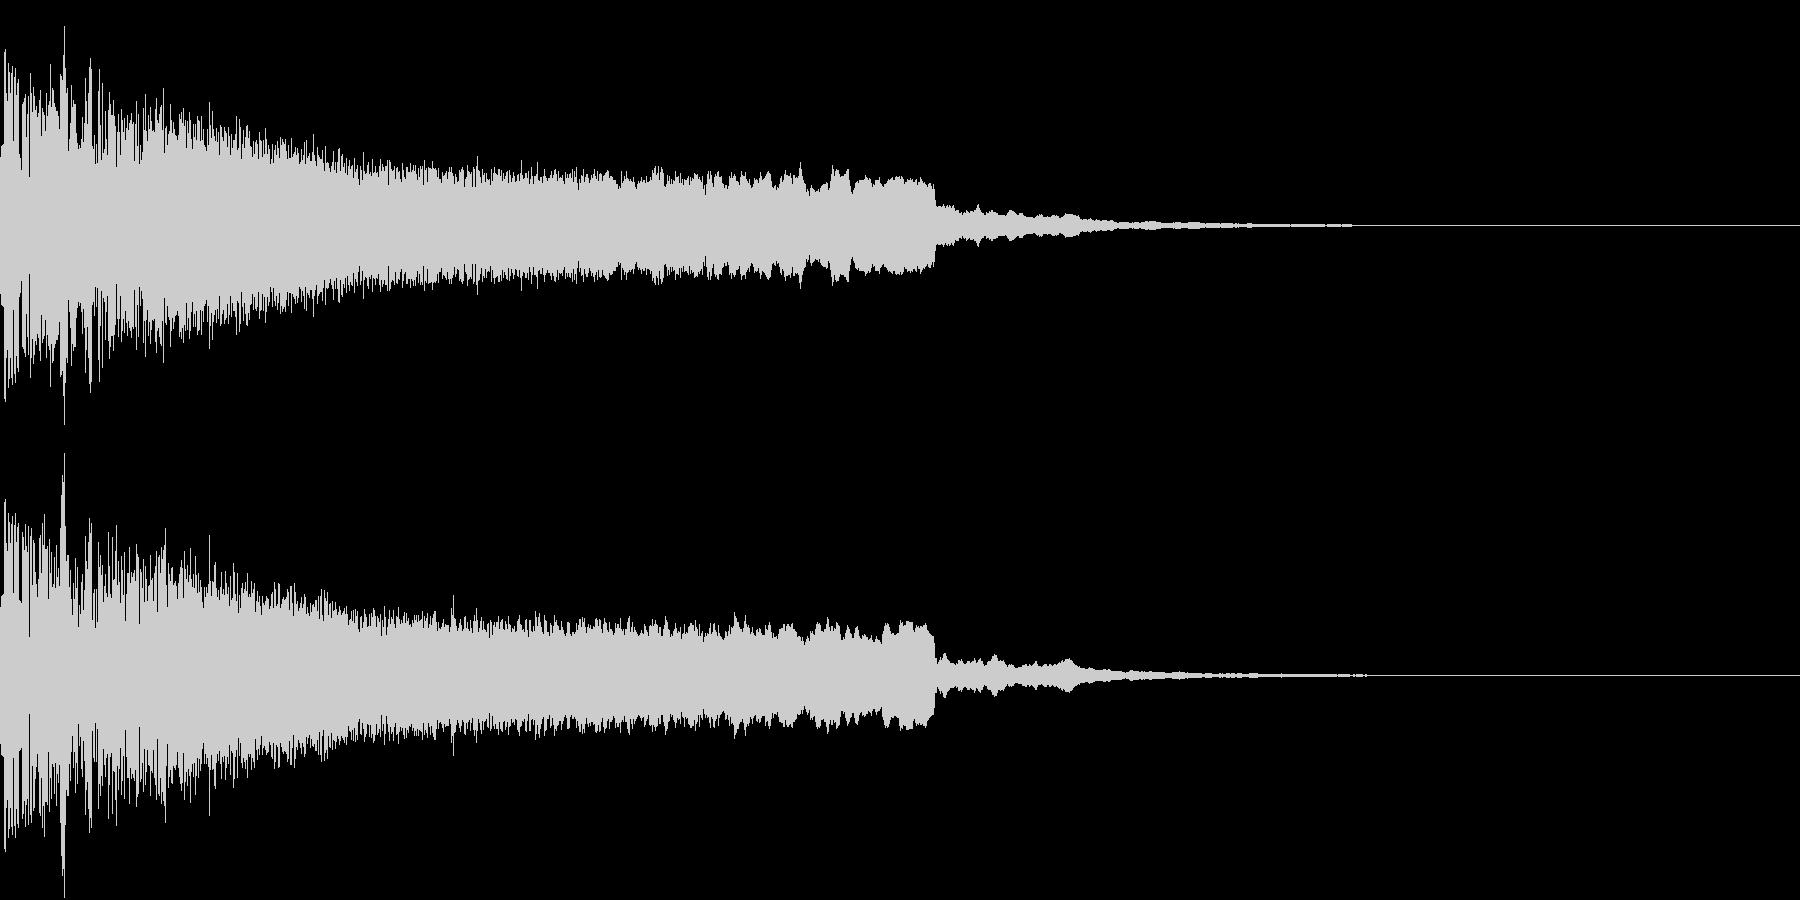 ピキューン ピキーン ズキューン 3の未再生の波形